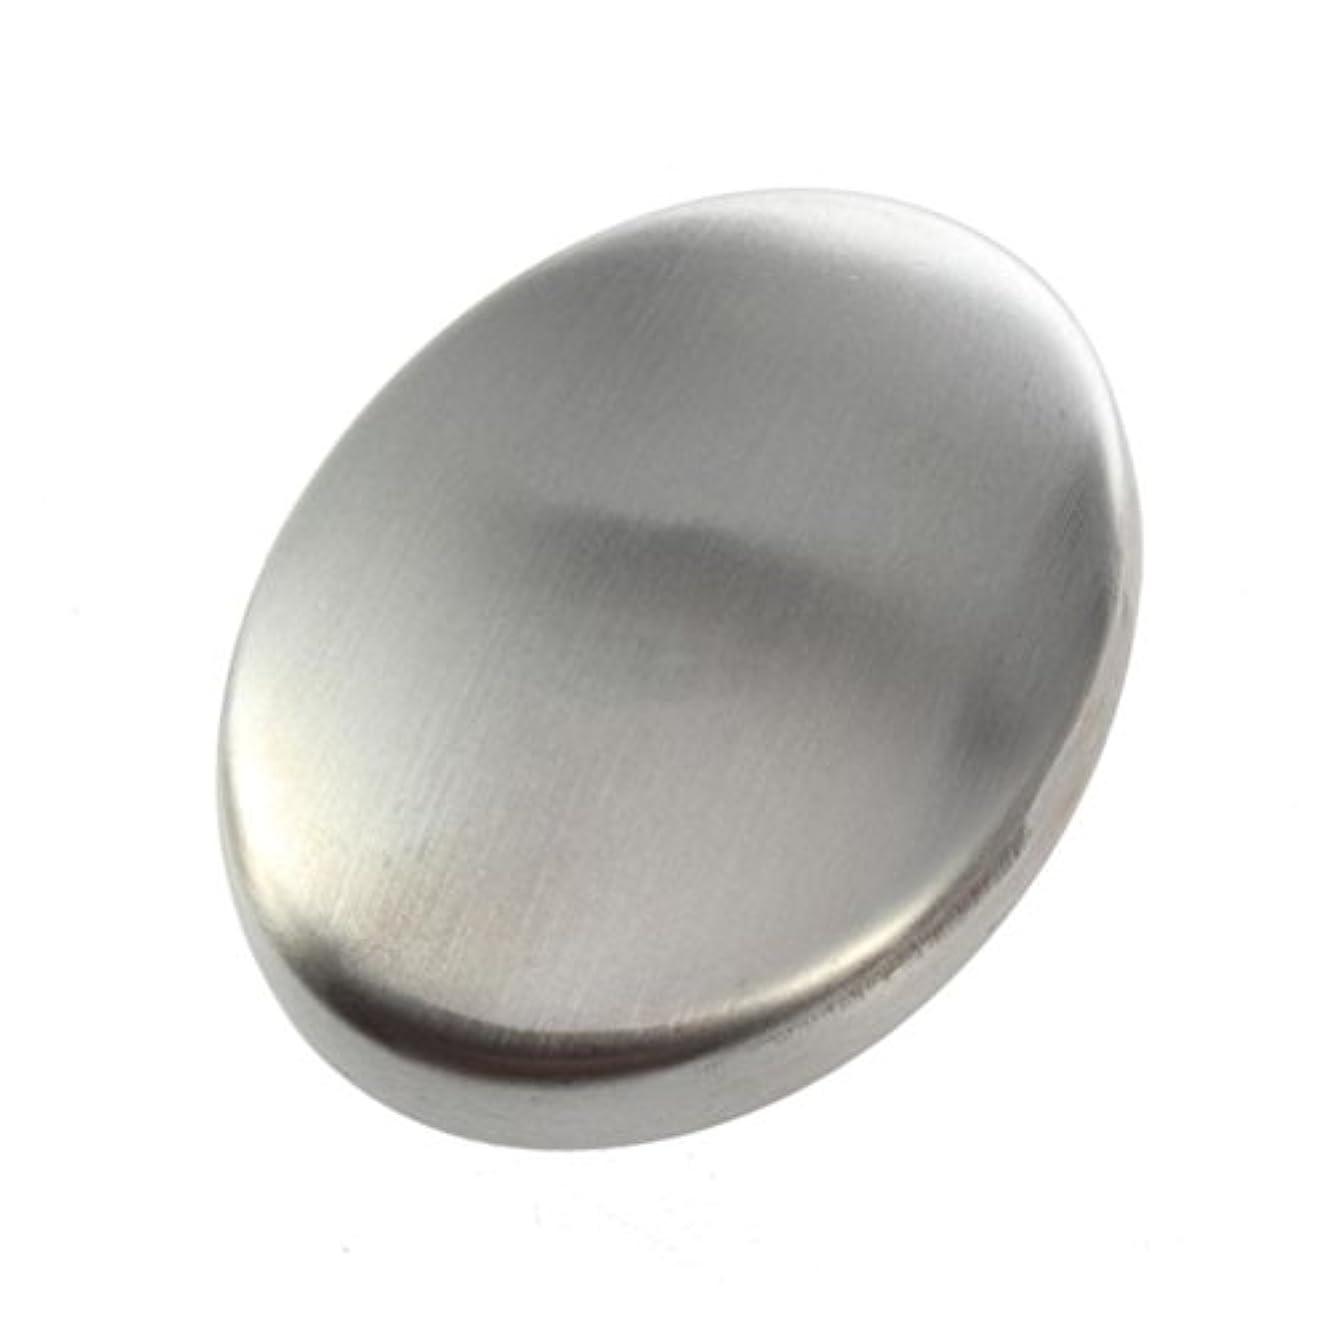 モバイルのぞき穴踏みつけFlybloom ステンレス鋼の石鹸の臭気は容易な速く除去の臭いの台所棒楕円形の石鹸のための石鹸を取除きます